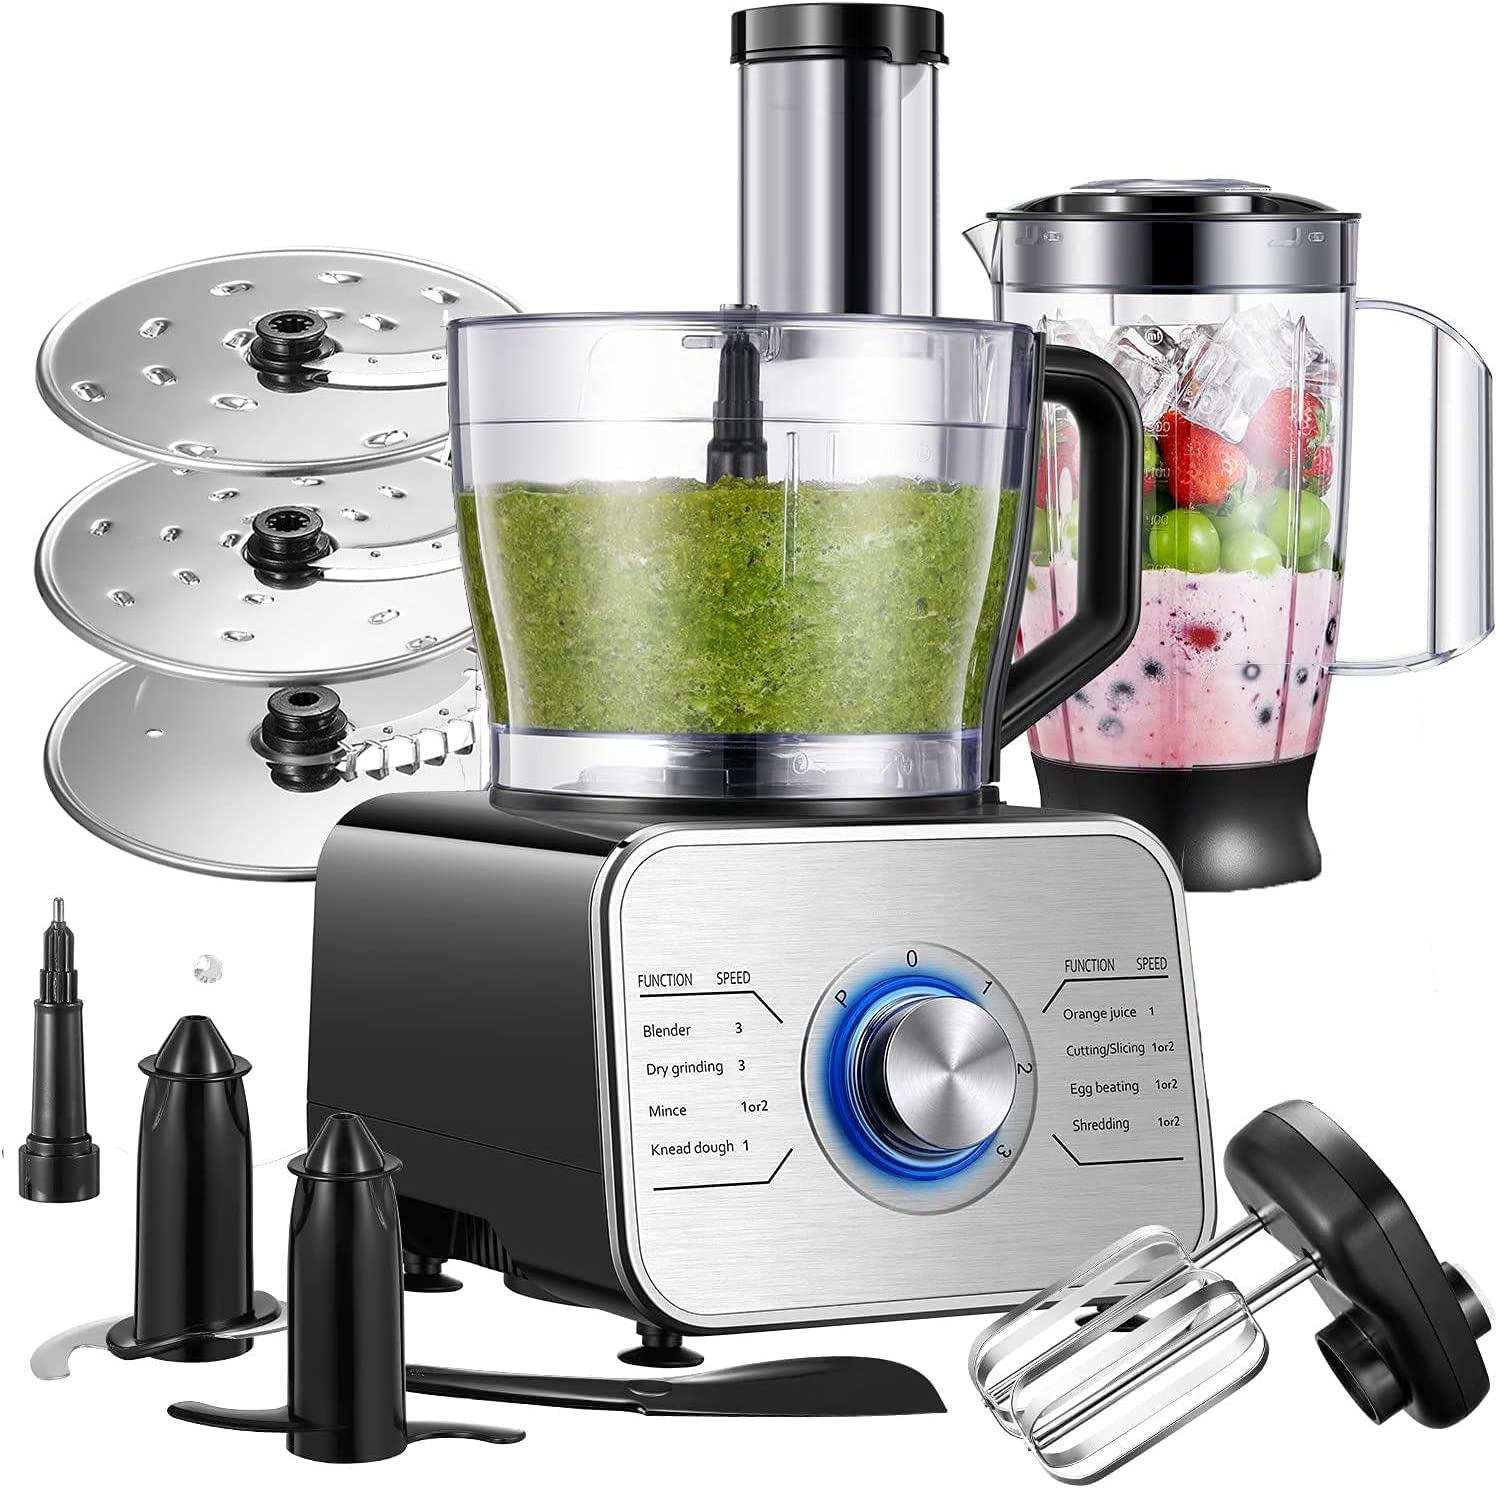 Procesador de Alimentos 1100 W compacto multifunción Robot de Cocina con 3 Velocidades y Función de Pulso, 3,5 L Para Carne, Verduras y Frutas